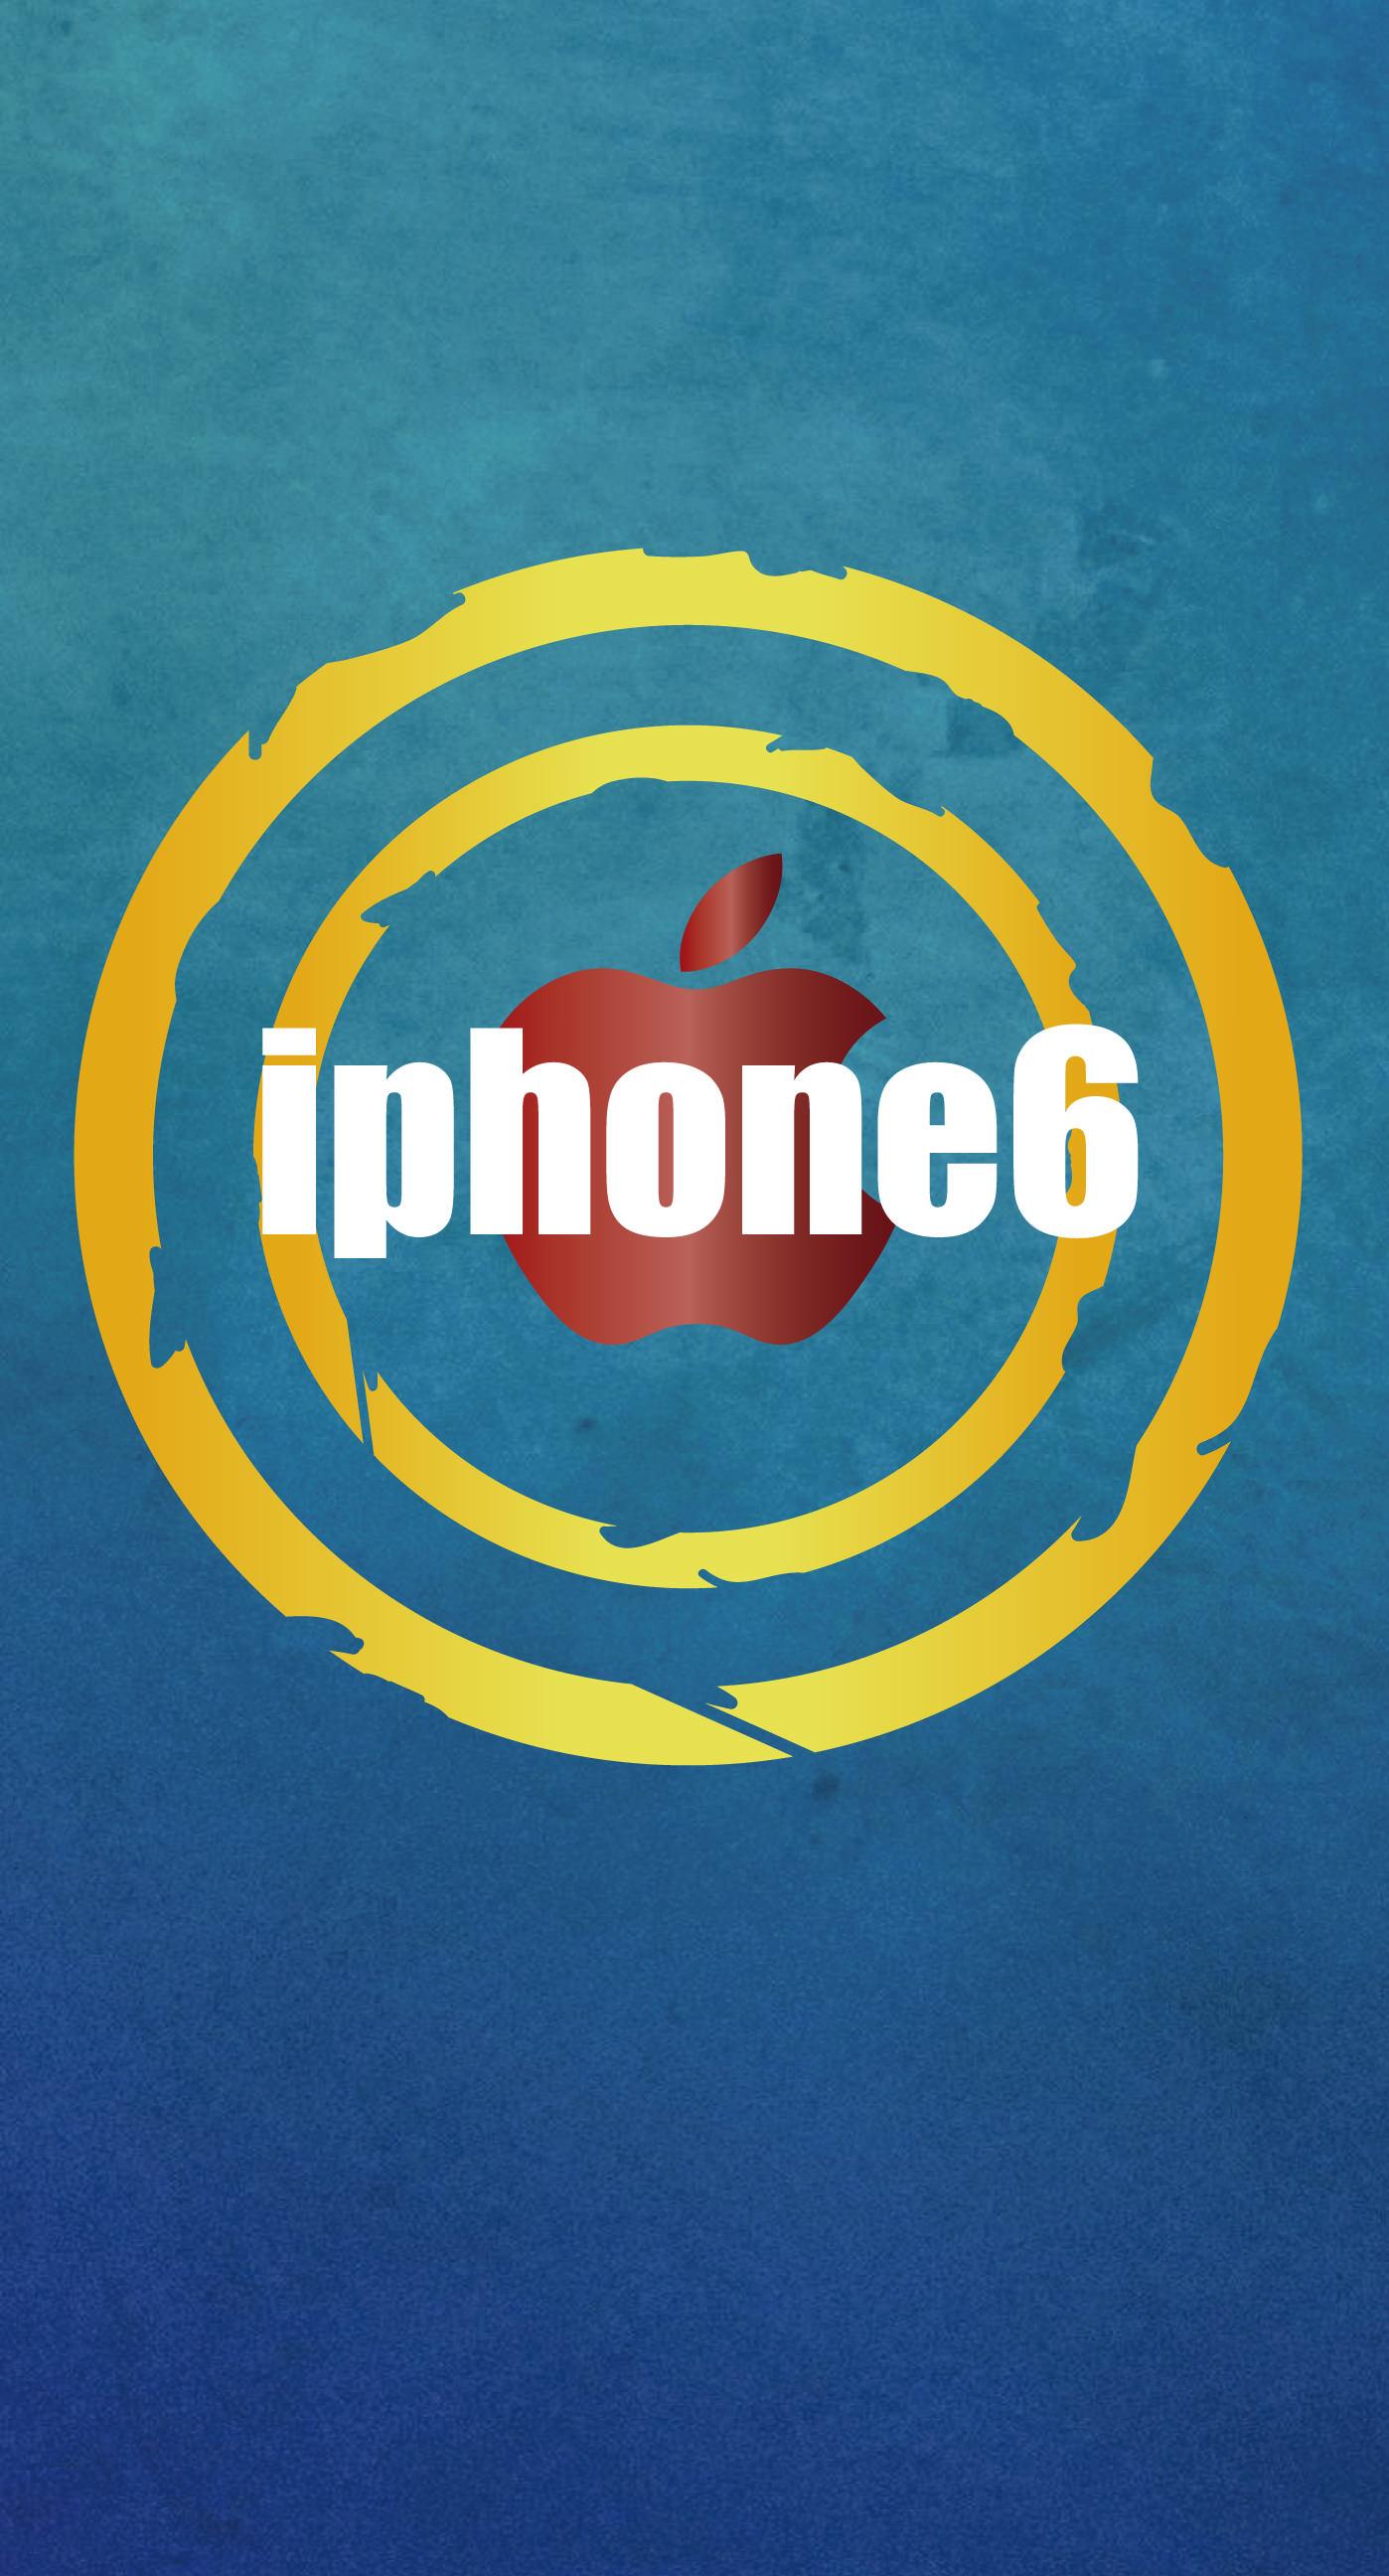 Fantastic Wallpaper Logo Iphone 6 - iphone6plus-1398x2592-wallpaper_02242  Snapshot_113110.jpg